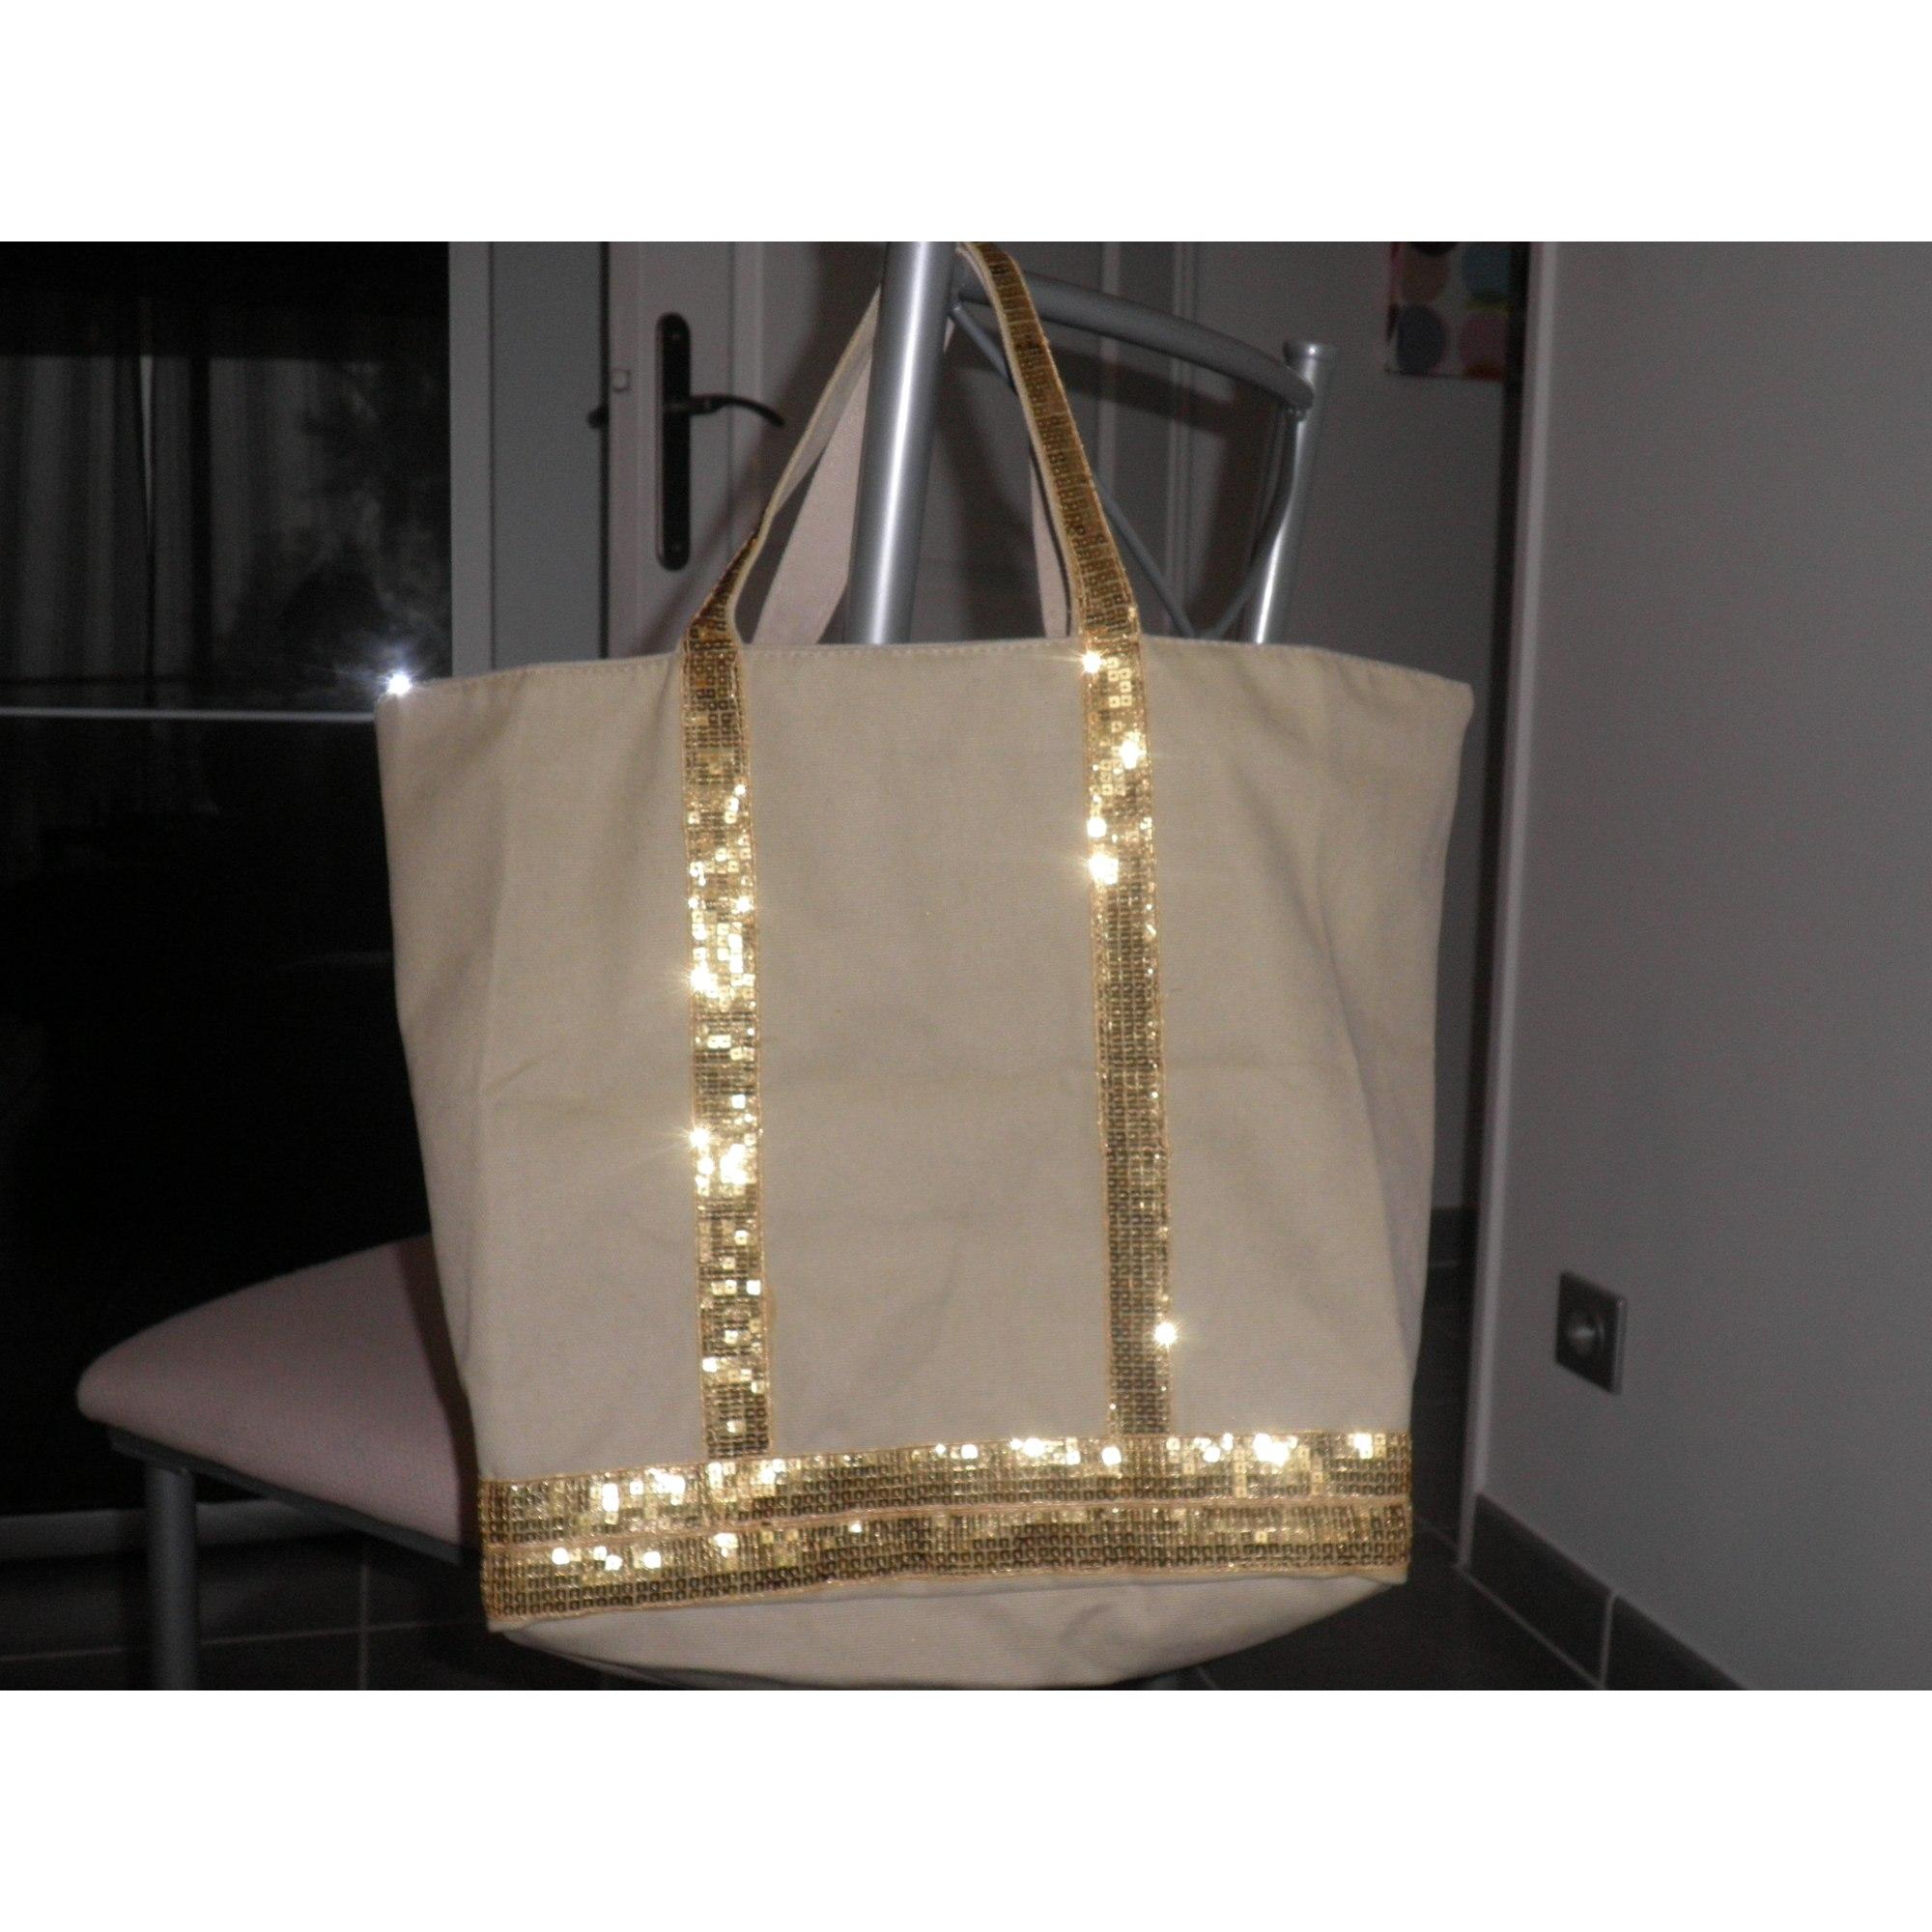 4f60787580 Sac à main en tissu VANESSA BRUNO beige vendu par Mélanie ...